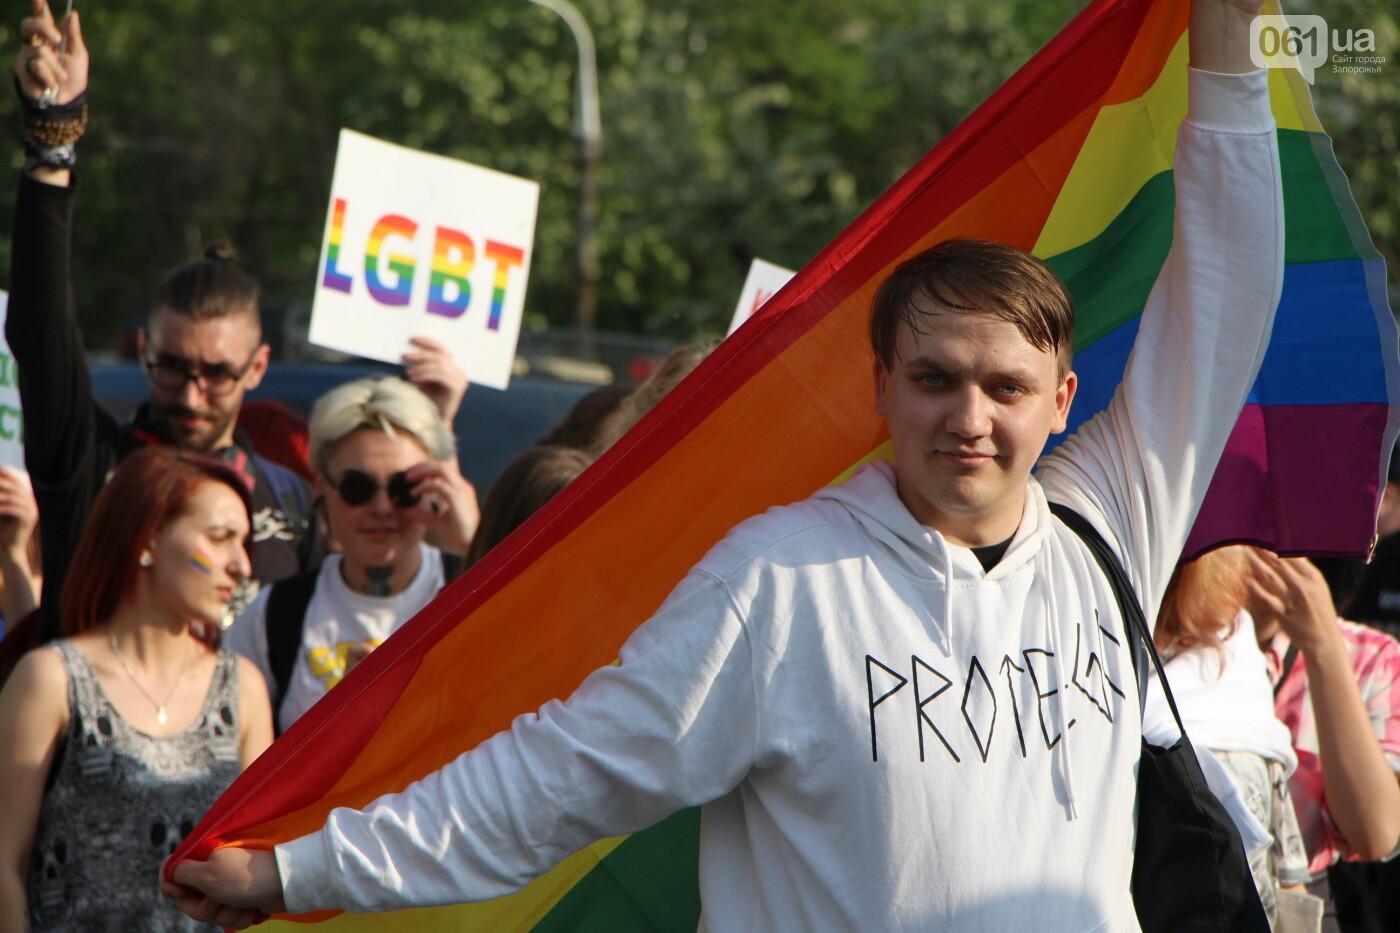 """""""Радужный флешмоб"""" переехал из-за угрозы насилия: как прошла ЛГБТ-акция в Запорожье, - ФОТОРЕПОРТАЖ, фото-29"""